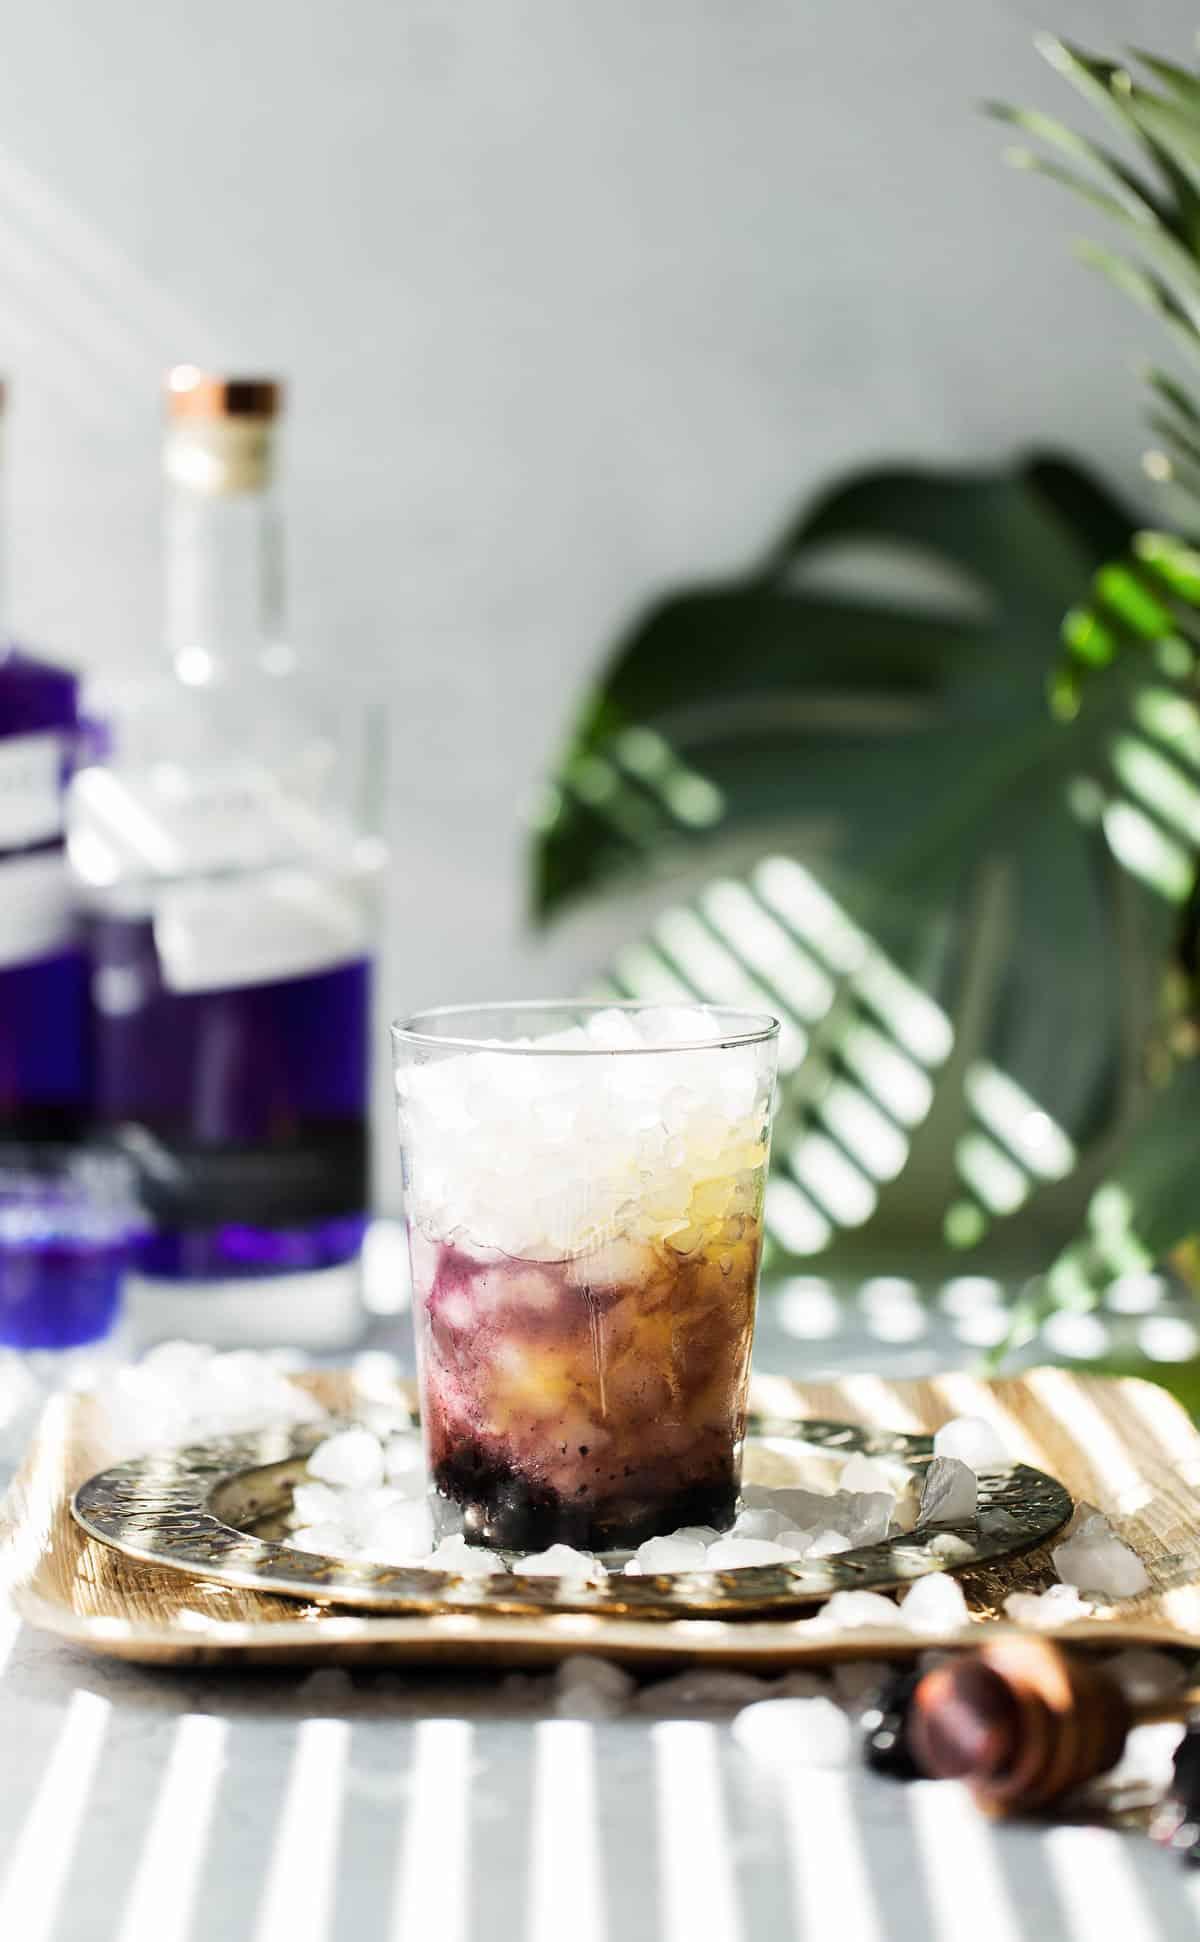 Pineapple juice and blackberries on ice